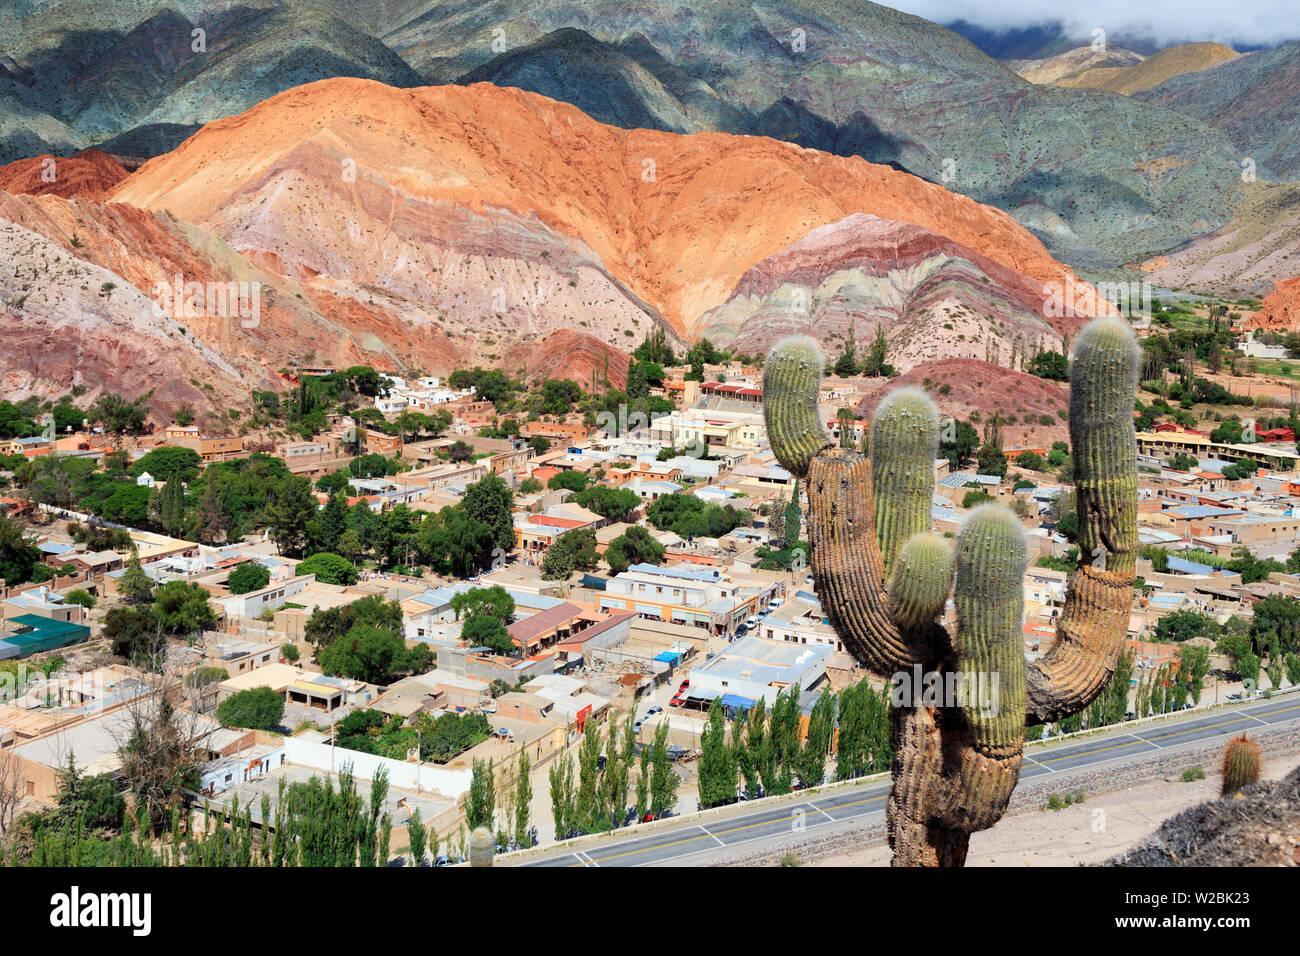 Argentina, Salta, Quebrada de Purmamarca (UNESCO Site), Town and Cerro de los Siete Colores Mountain - Stock Image